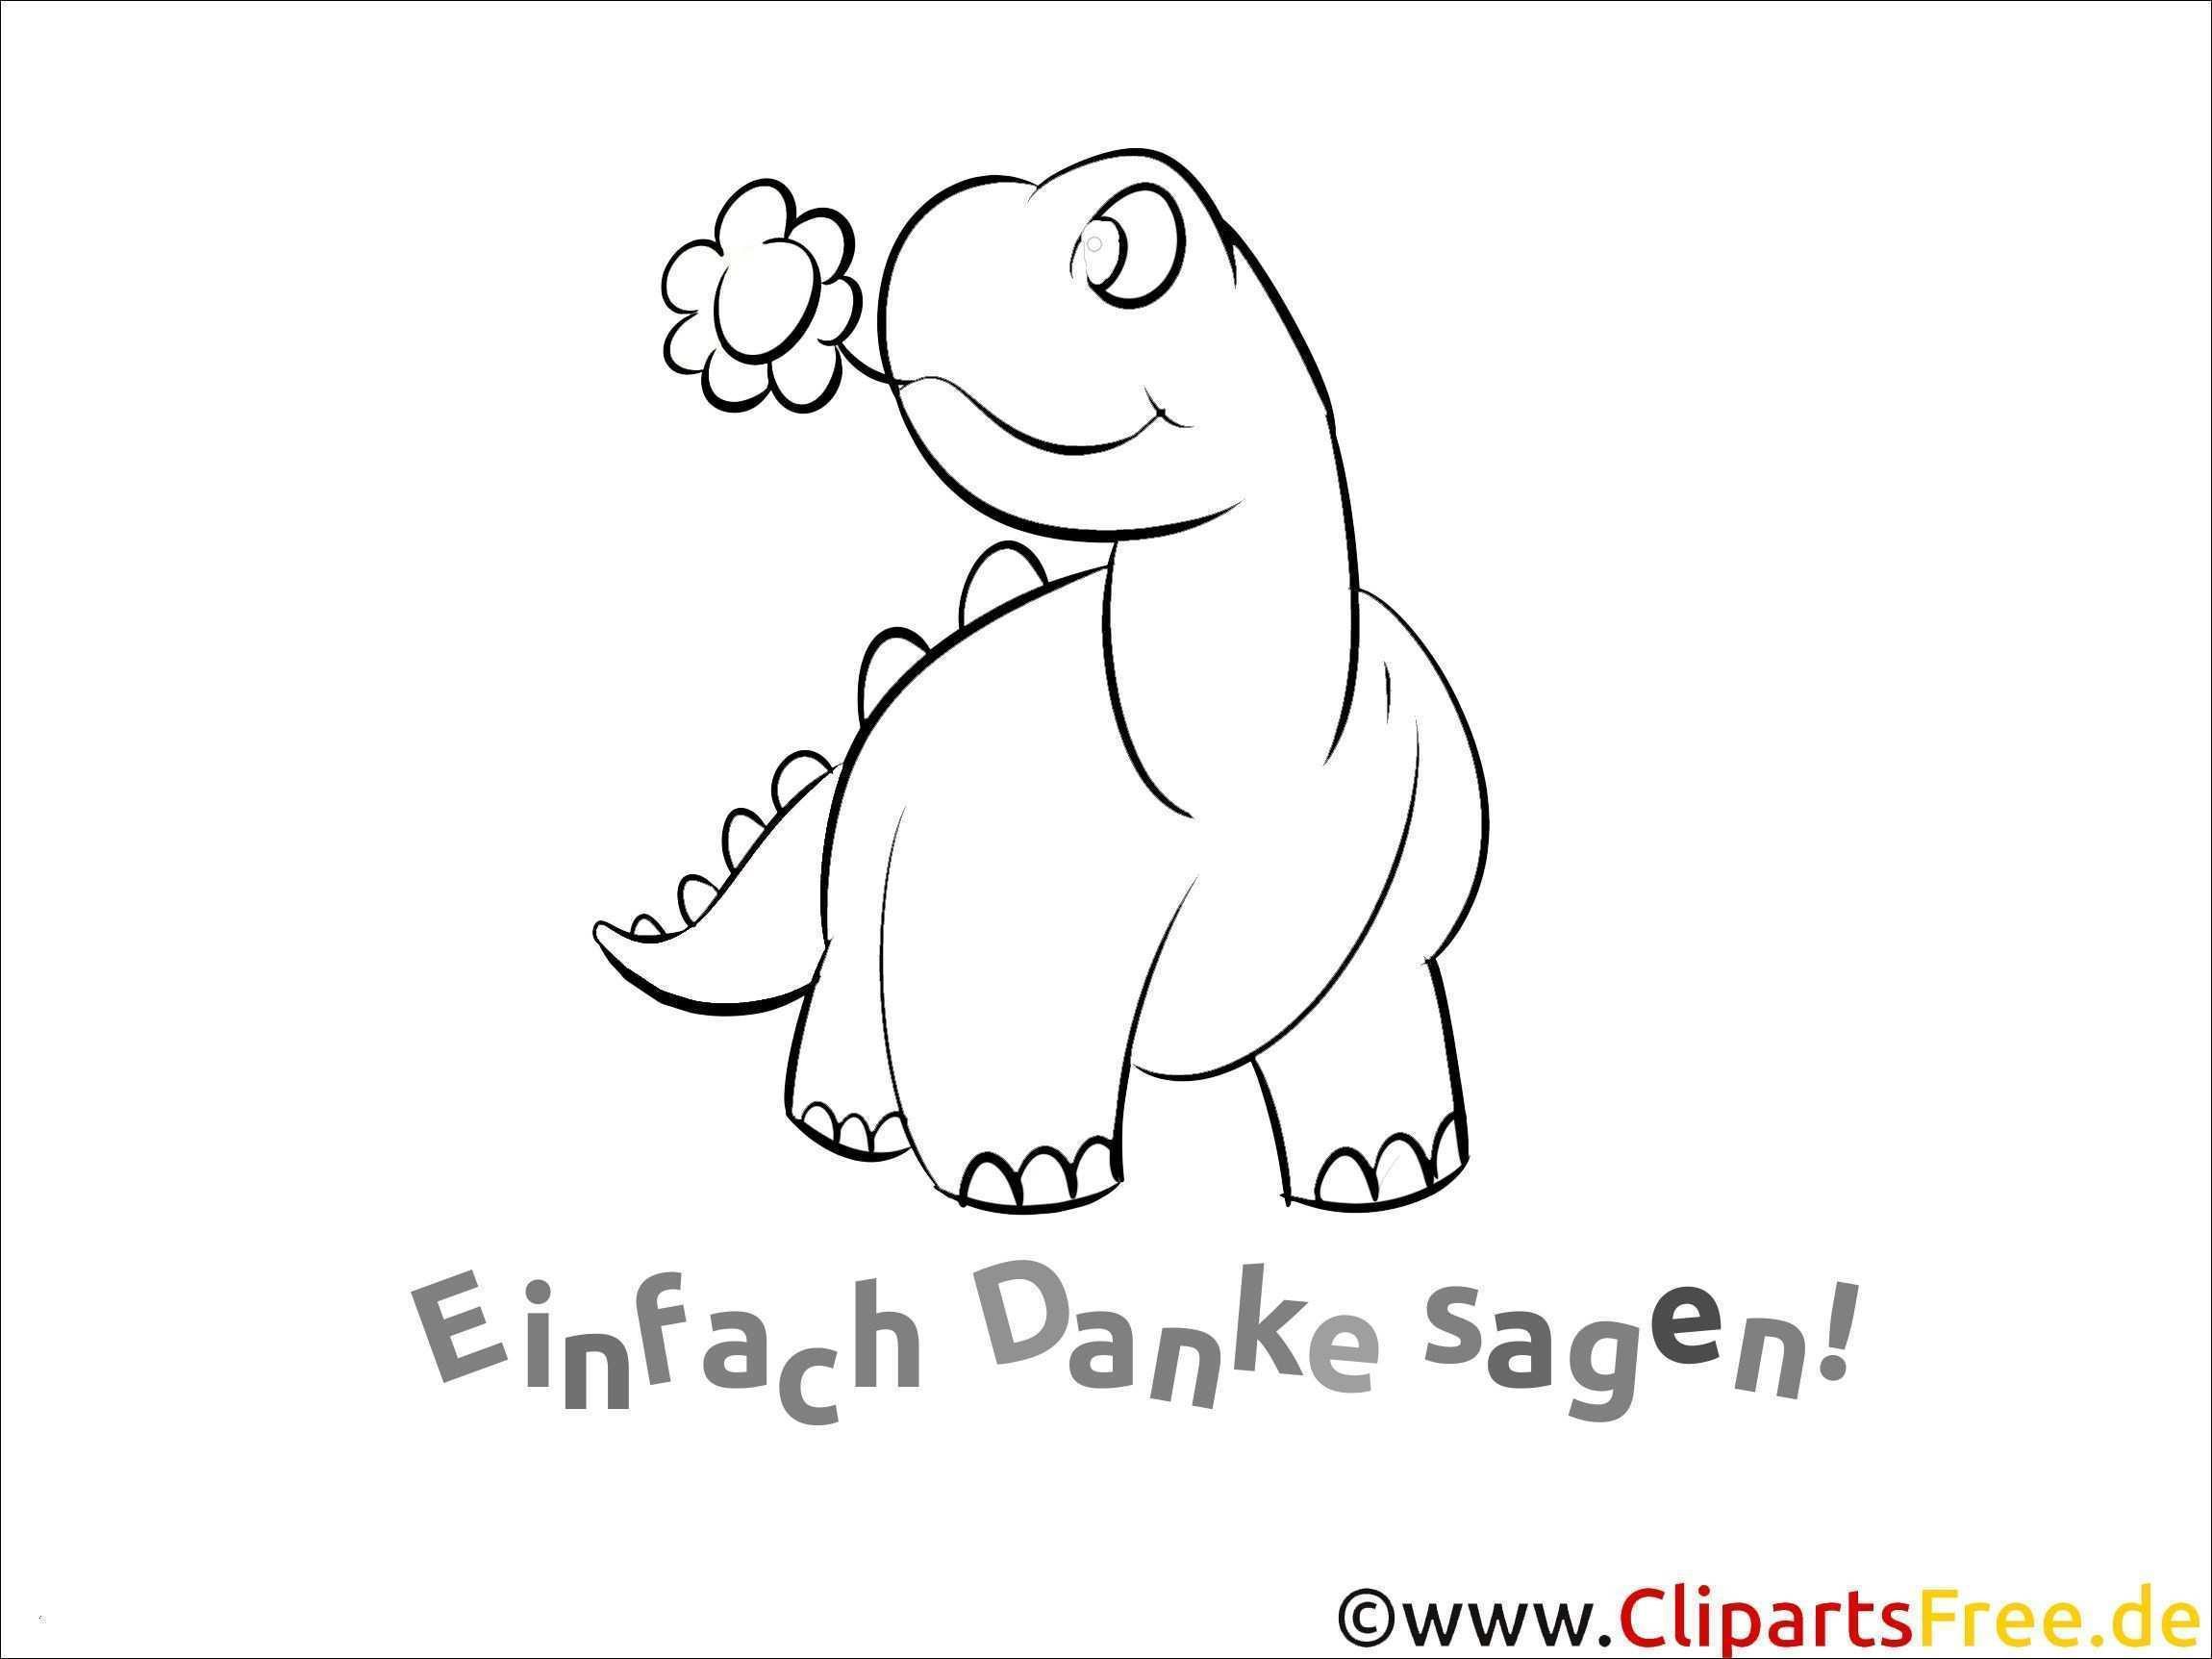 Winni Pooh Ausmalbilder Das Beste Von Winnie Pooh Bilder Zum Ausmalen Gemälde Bayern Ausmalbilder Neu Igel Stock